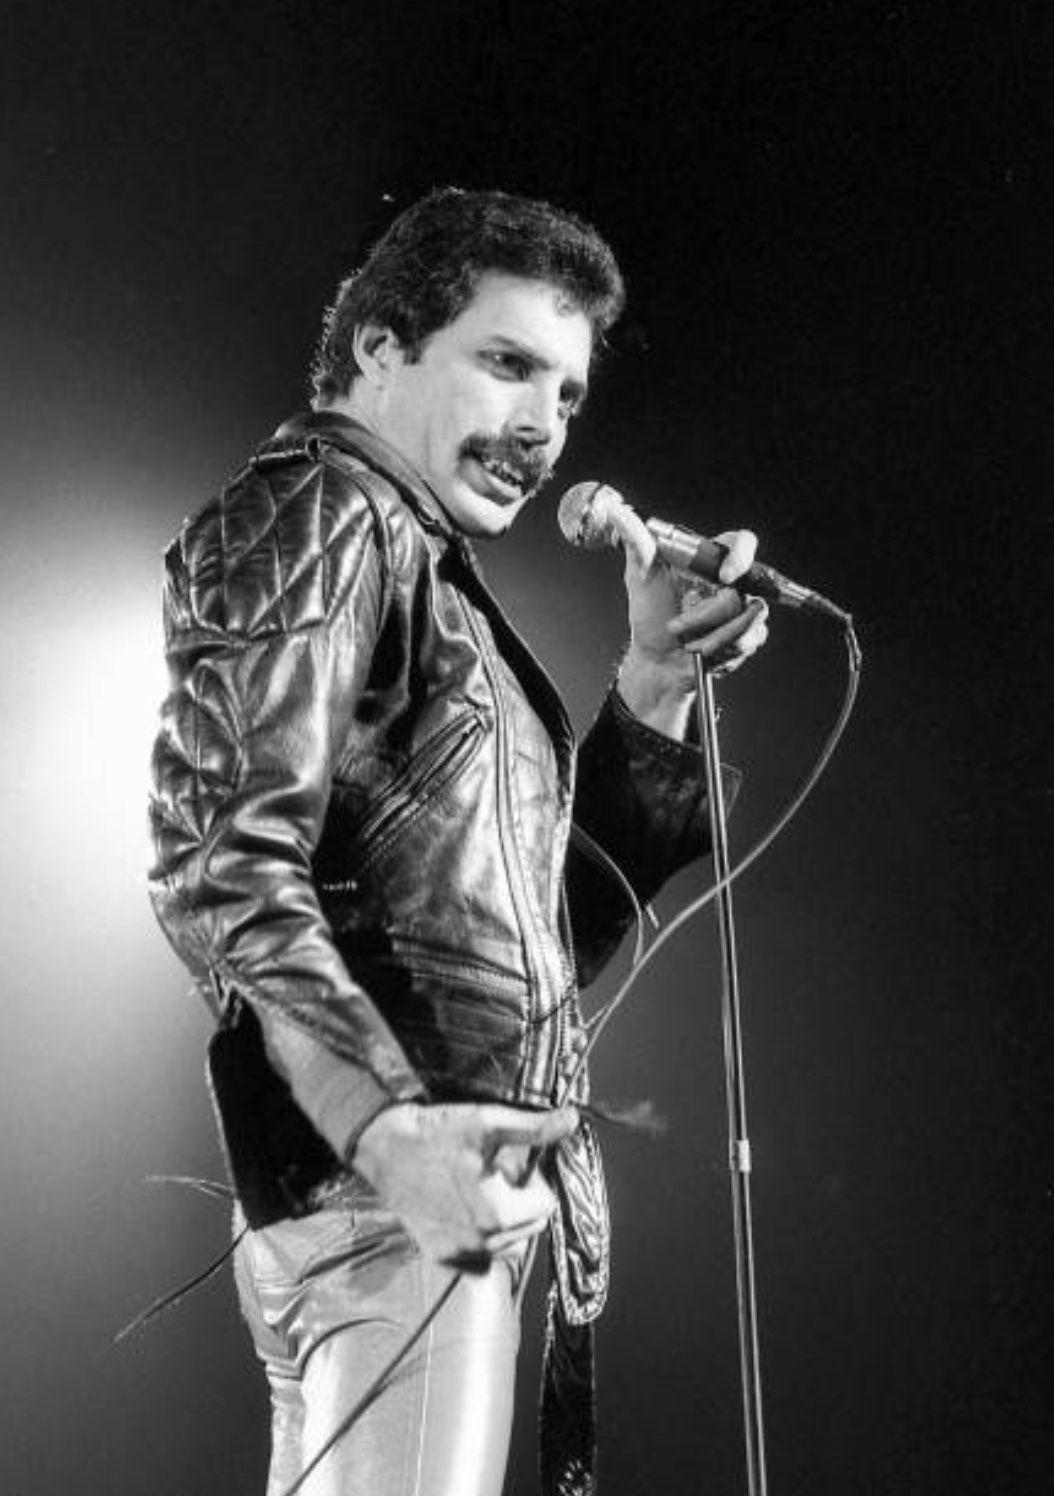 Pin by ME on ️Freddie Mercury ️ Freddie mercury, Queen